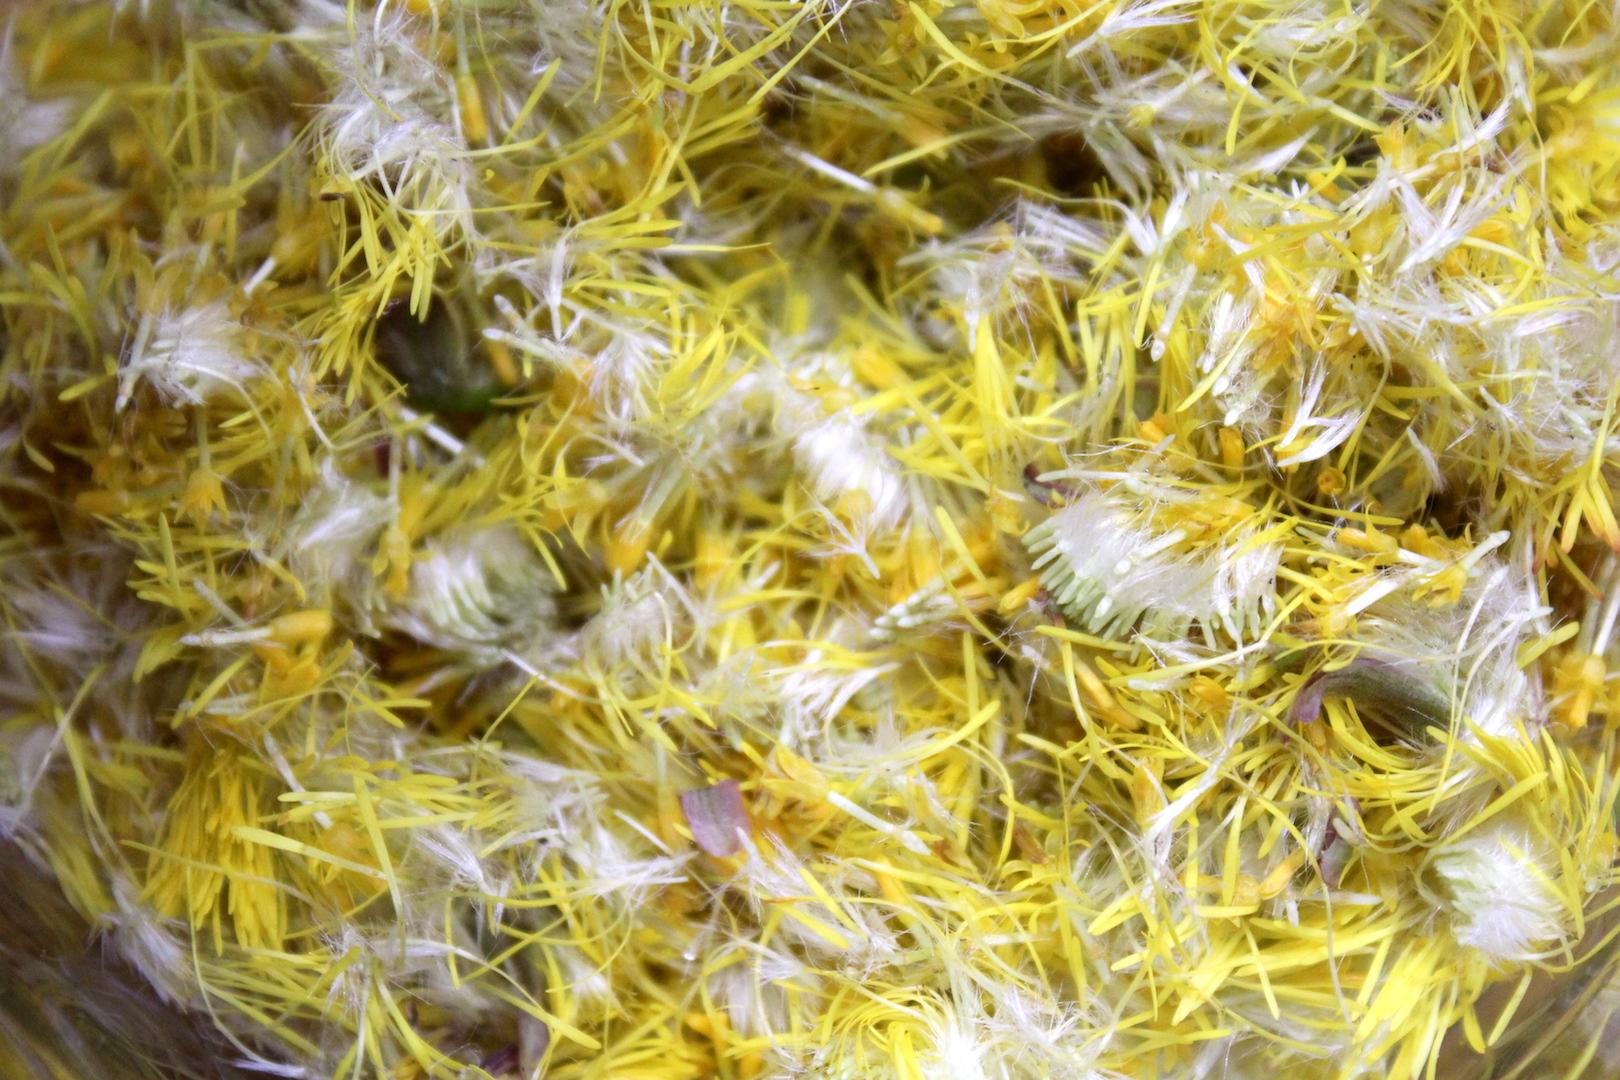 Coltsfoot Flower Petals